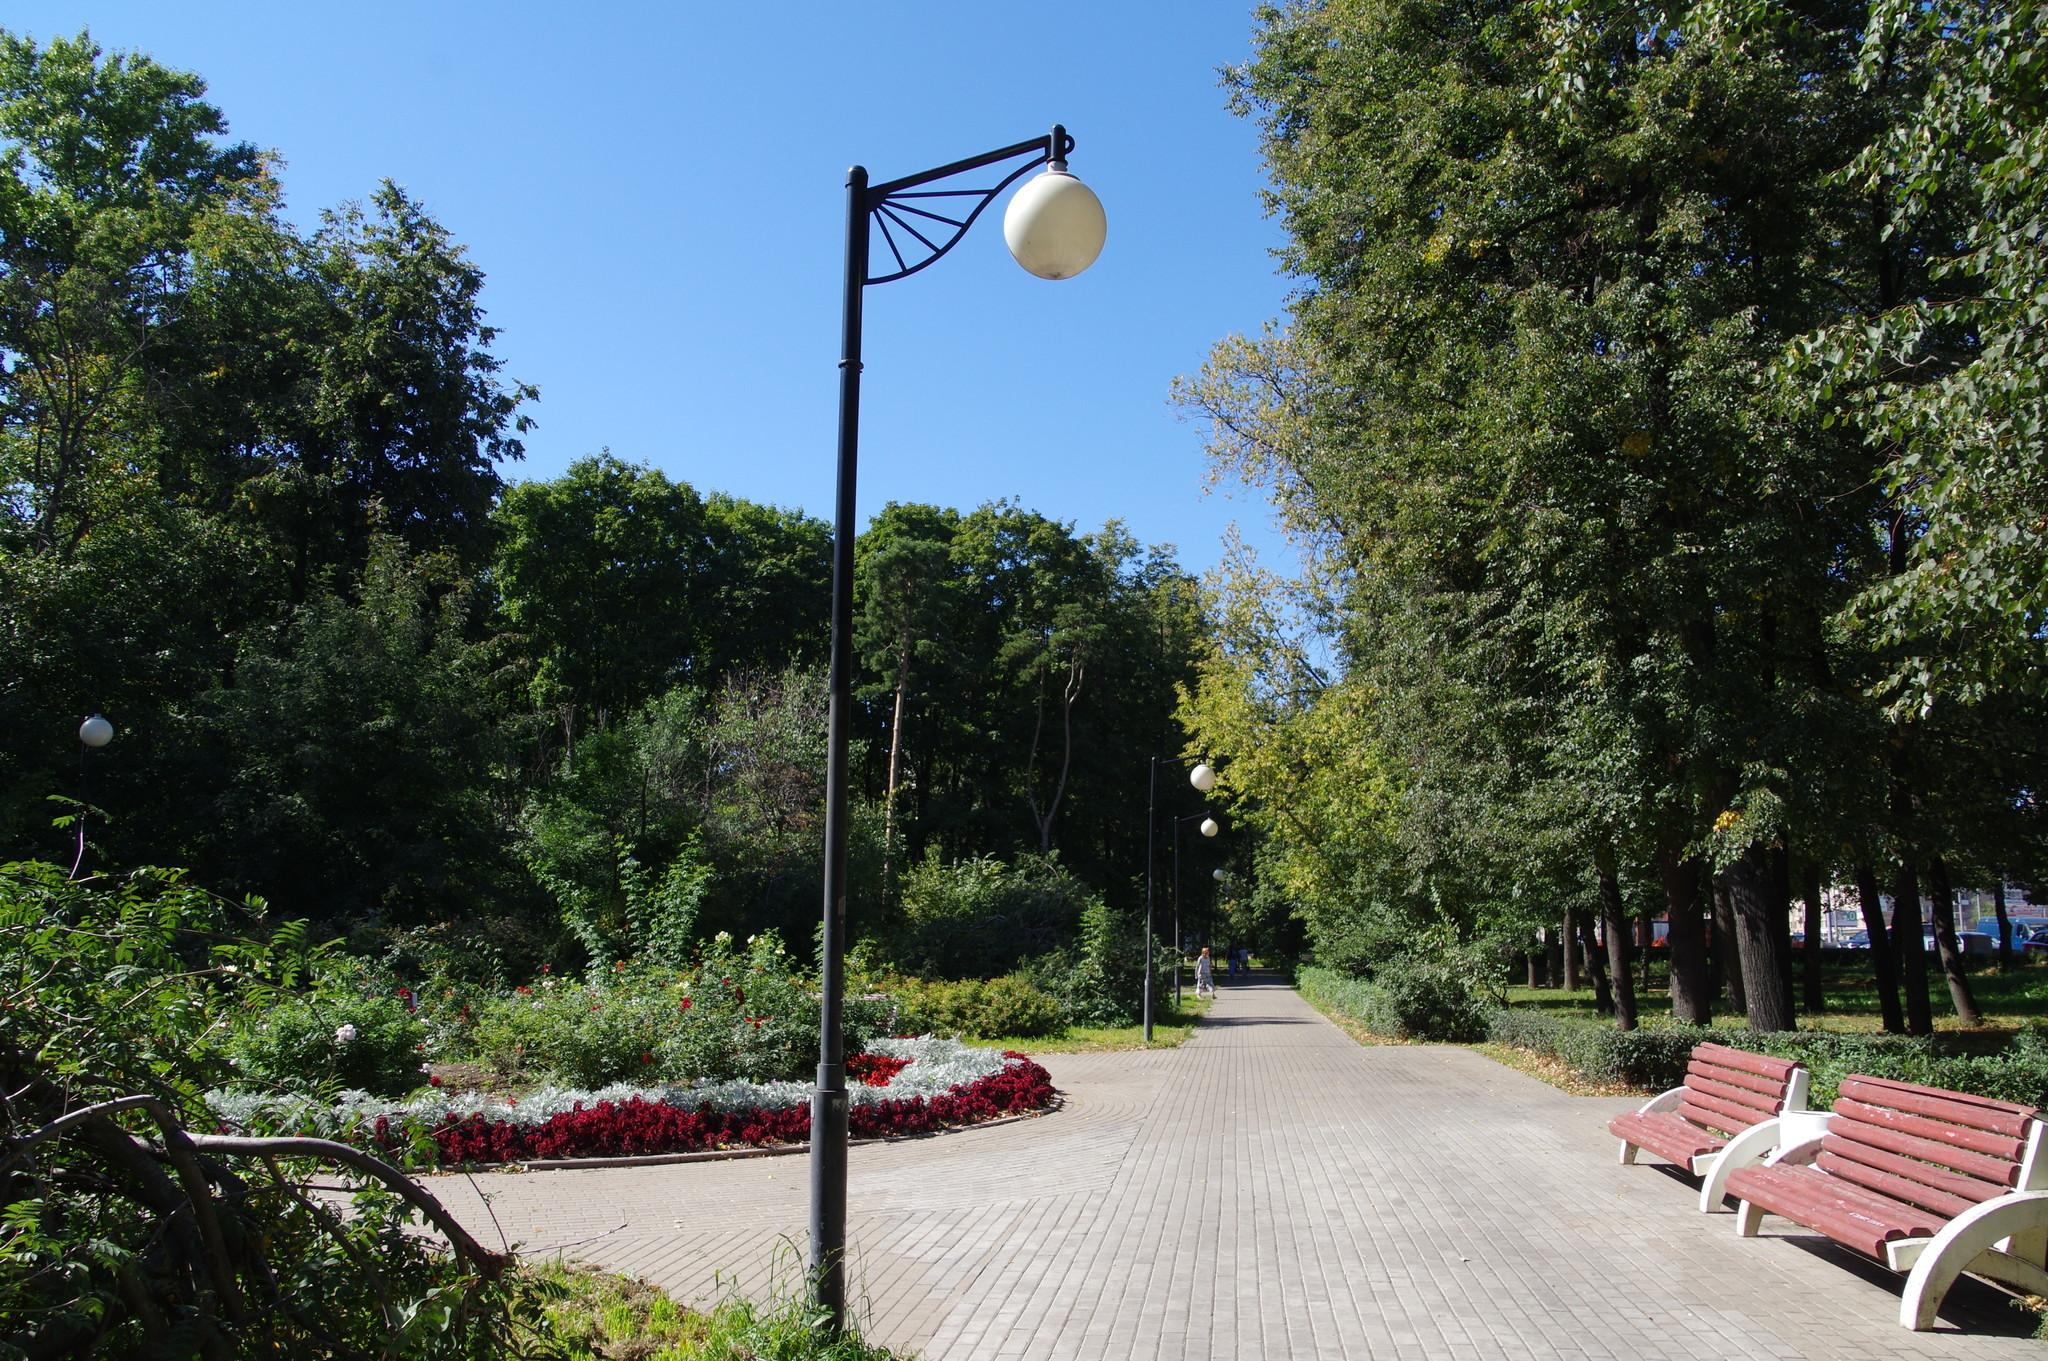 Парк Авиаторов (Чапаевский парк). Ленинградский проспект, 59